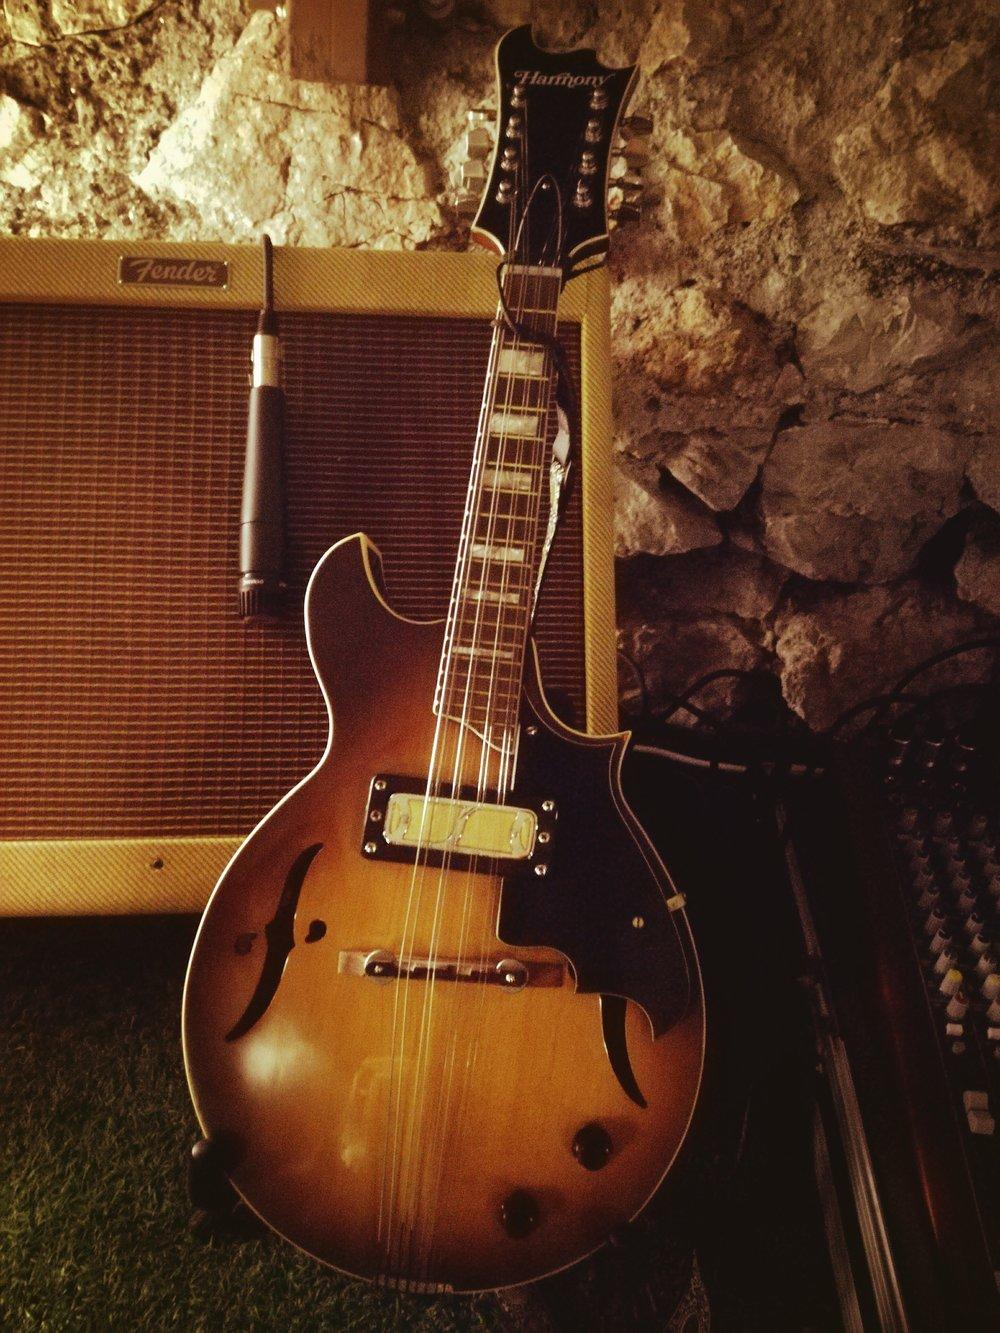 - Lino's Harmony H35 mandolin